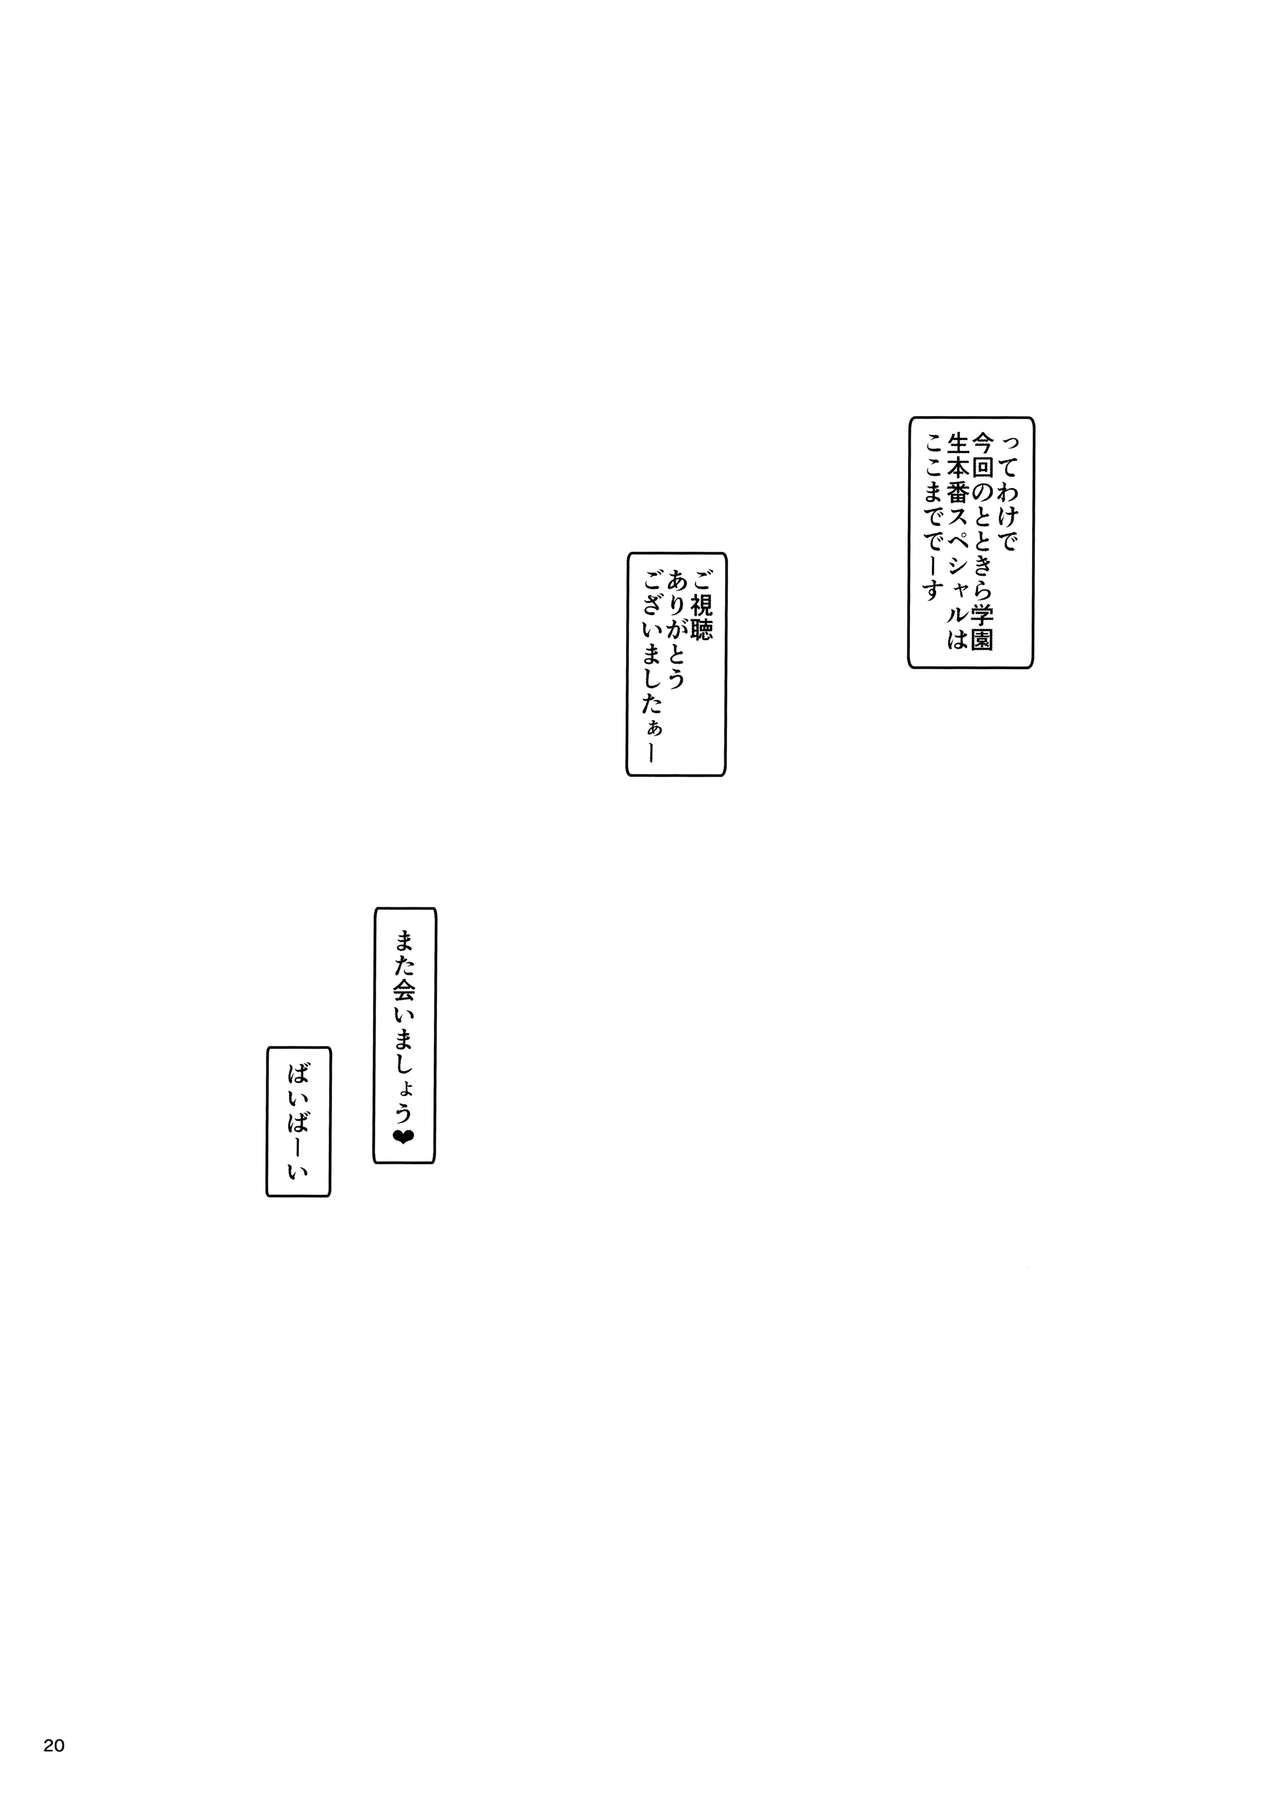 Totokira Gakuen Nama Honban SP 18